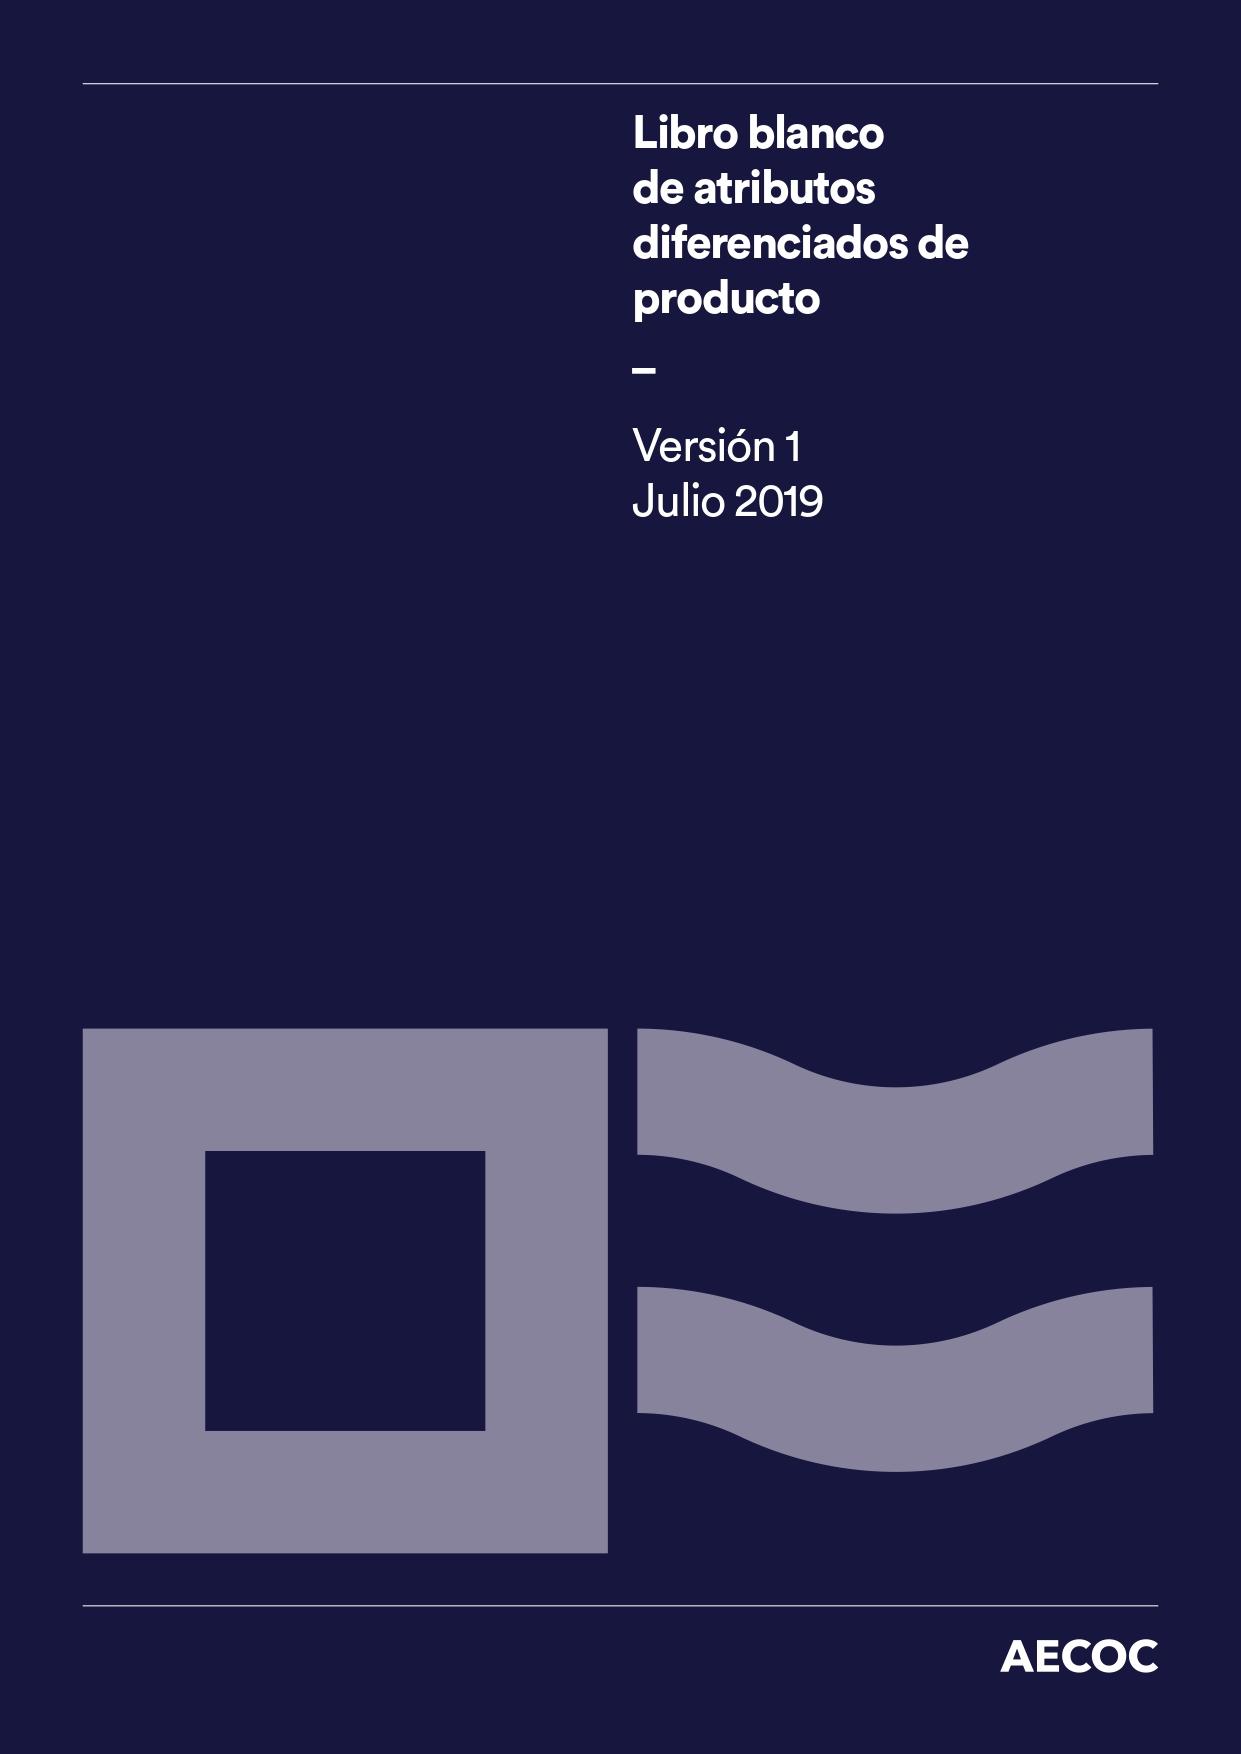 libro-blanco-de-atributos-diferenciados-de-producto-DEF-1_page-0001